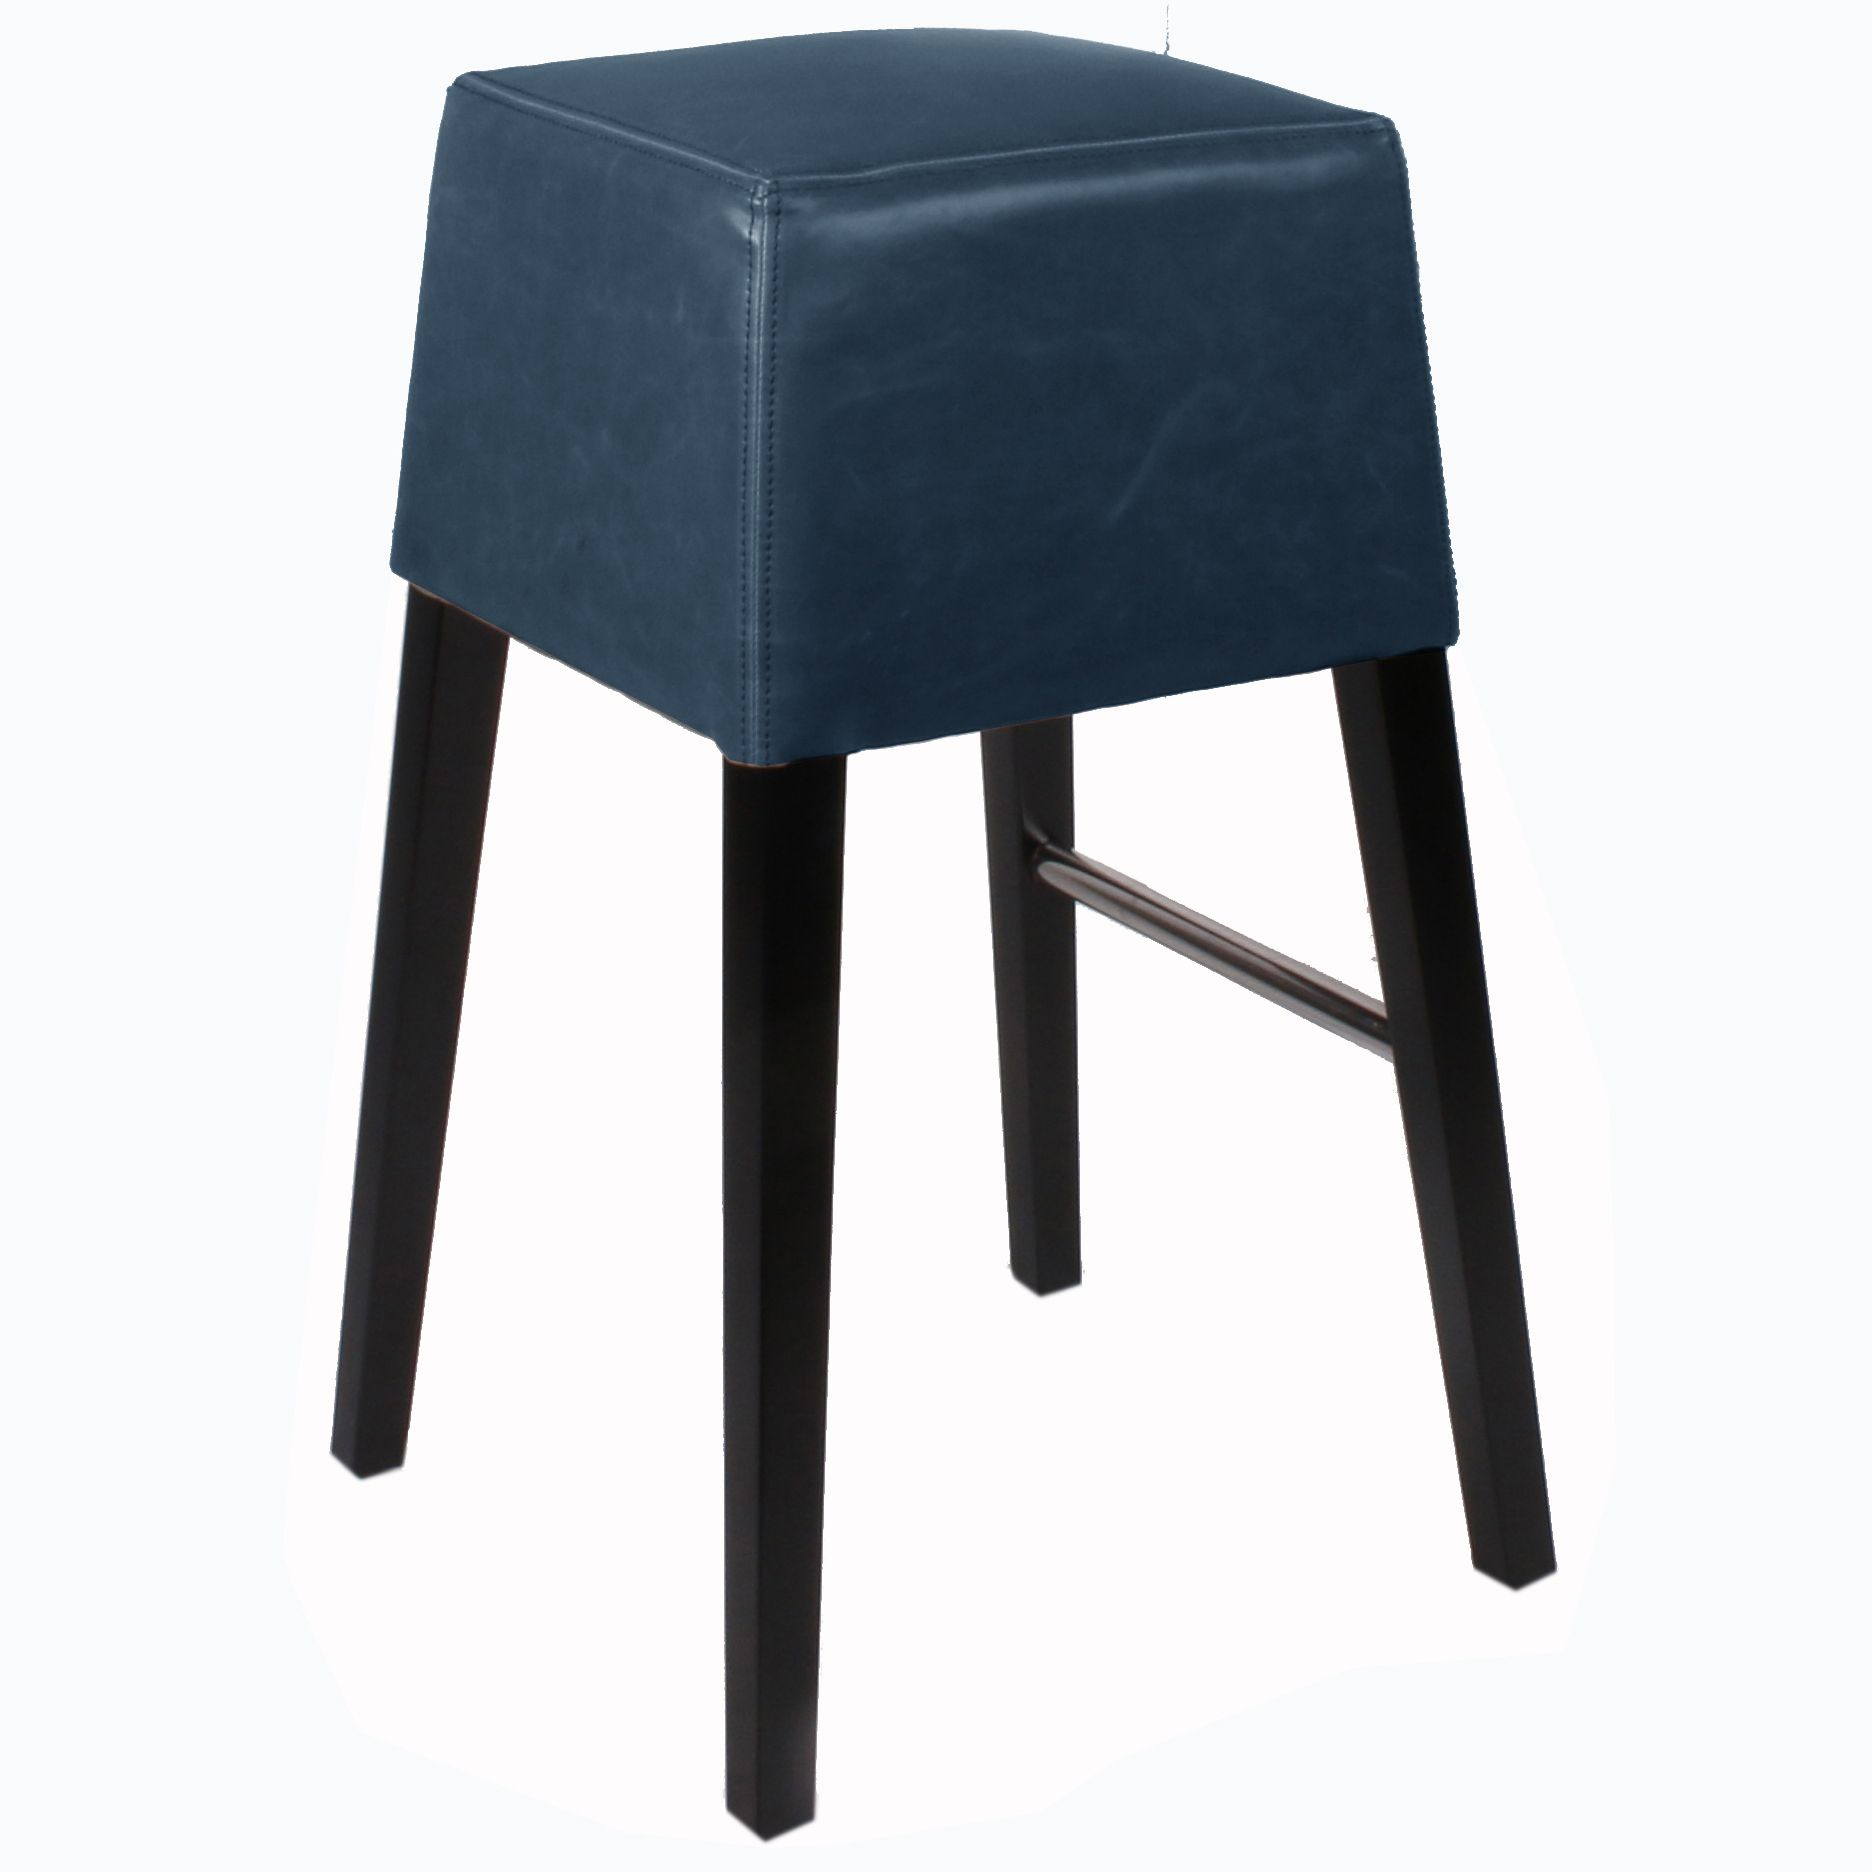 Aubin Bonded Leather Bar Stool Black Legs, Vintage Blue - NPD ...